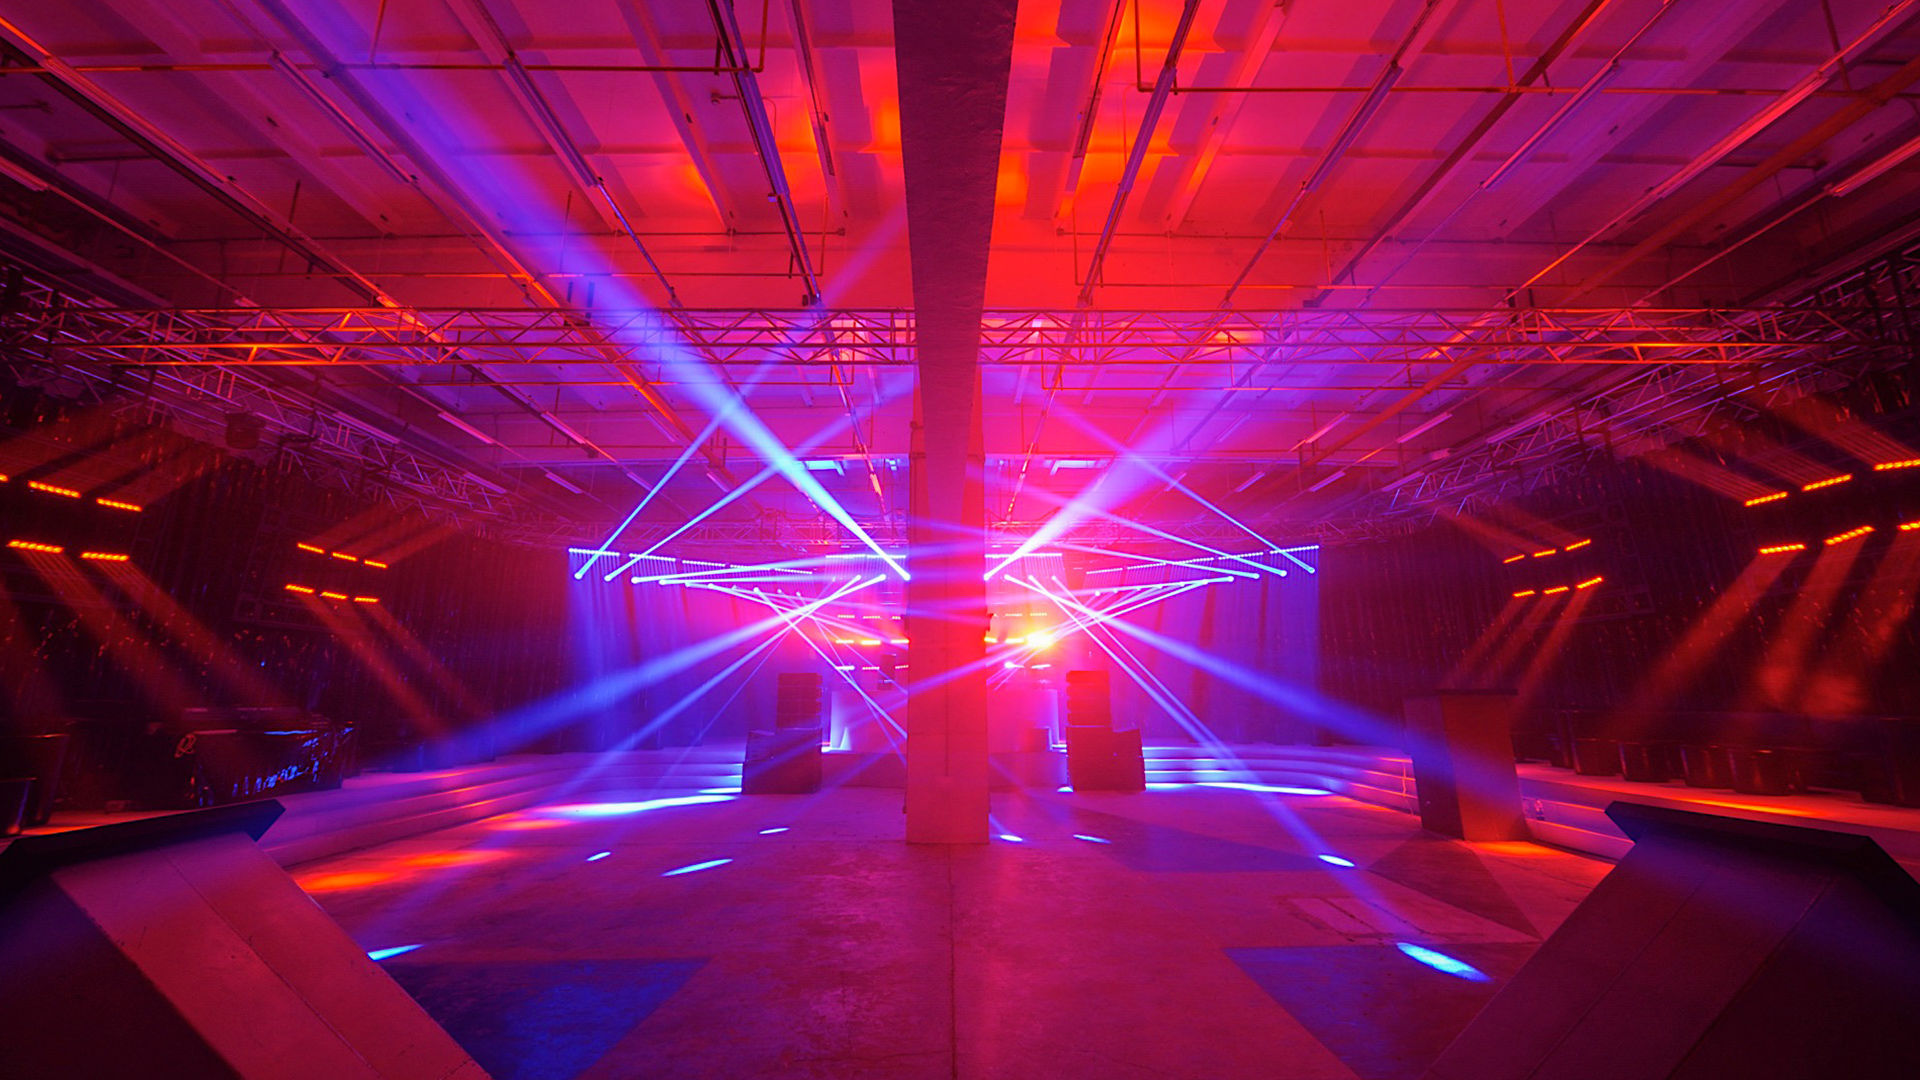 Τα κόκκινα και μωβ φώτα φωτίζουν τη σκηνή Prada